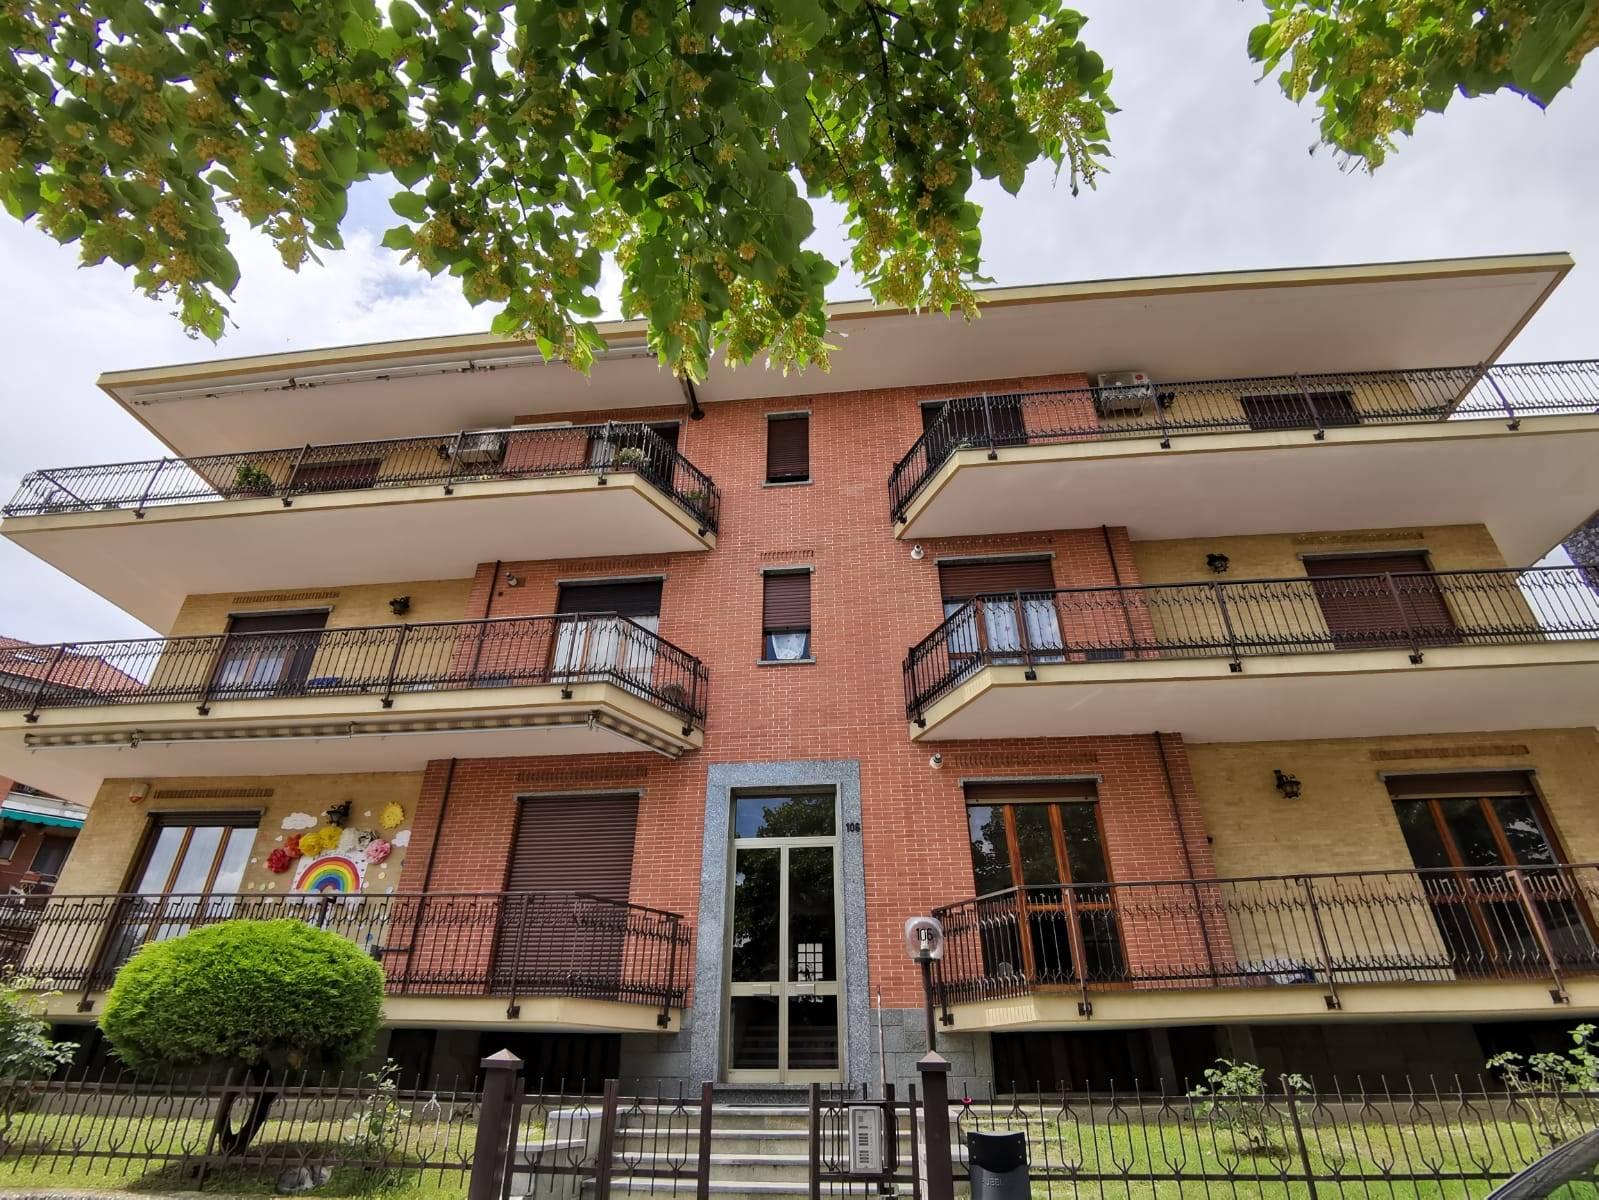 Appartamento in vendita a Piossasco, 3 locali, prezzo € 100.000 | CambioCasa.it